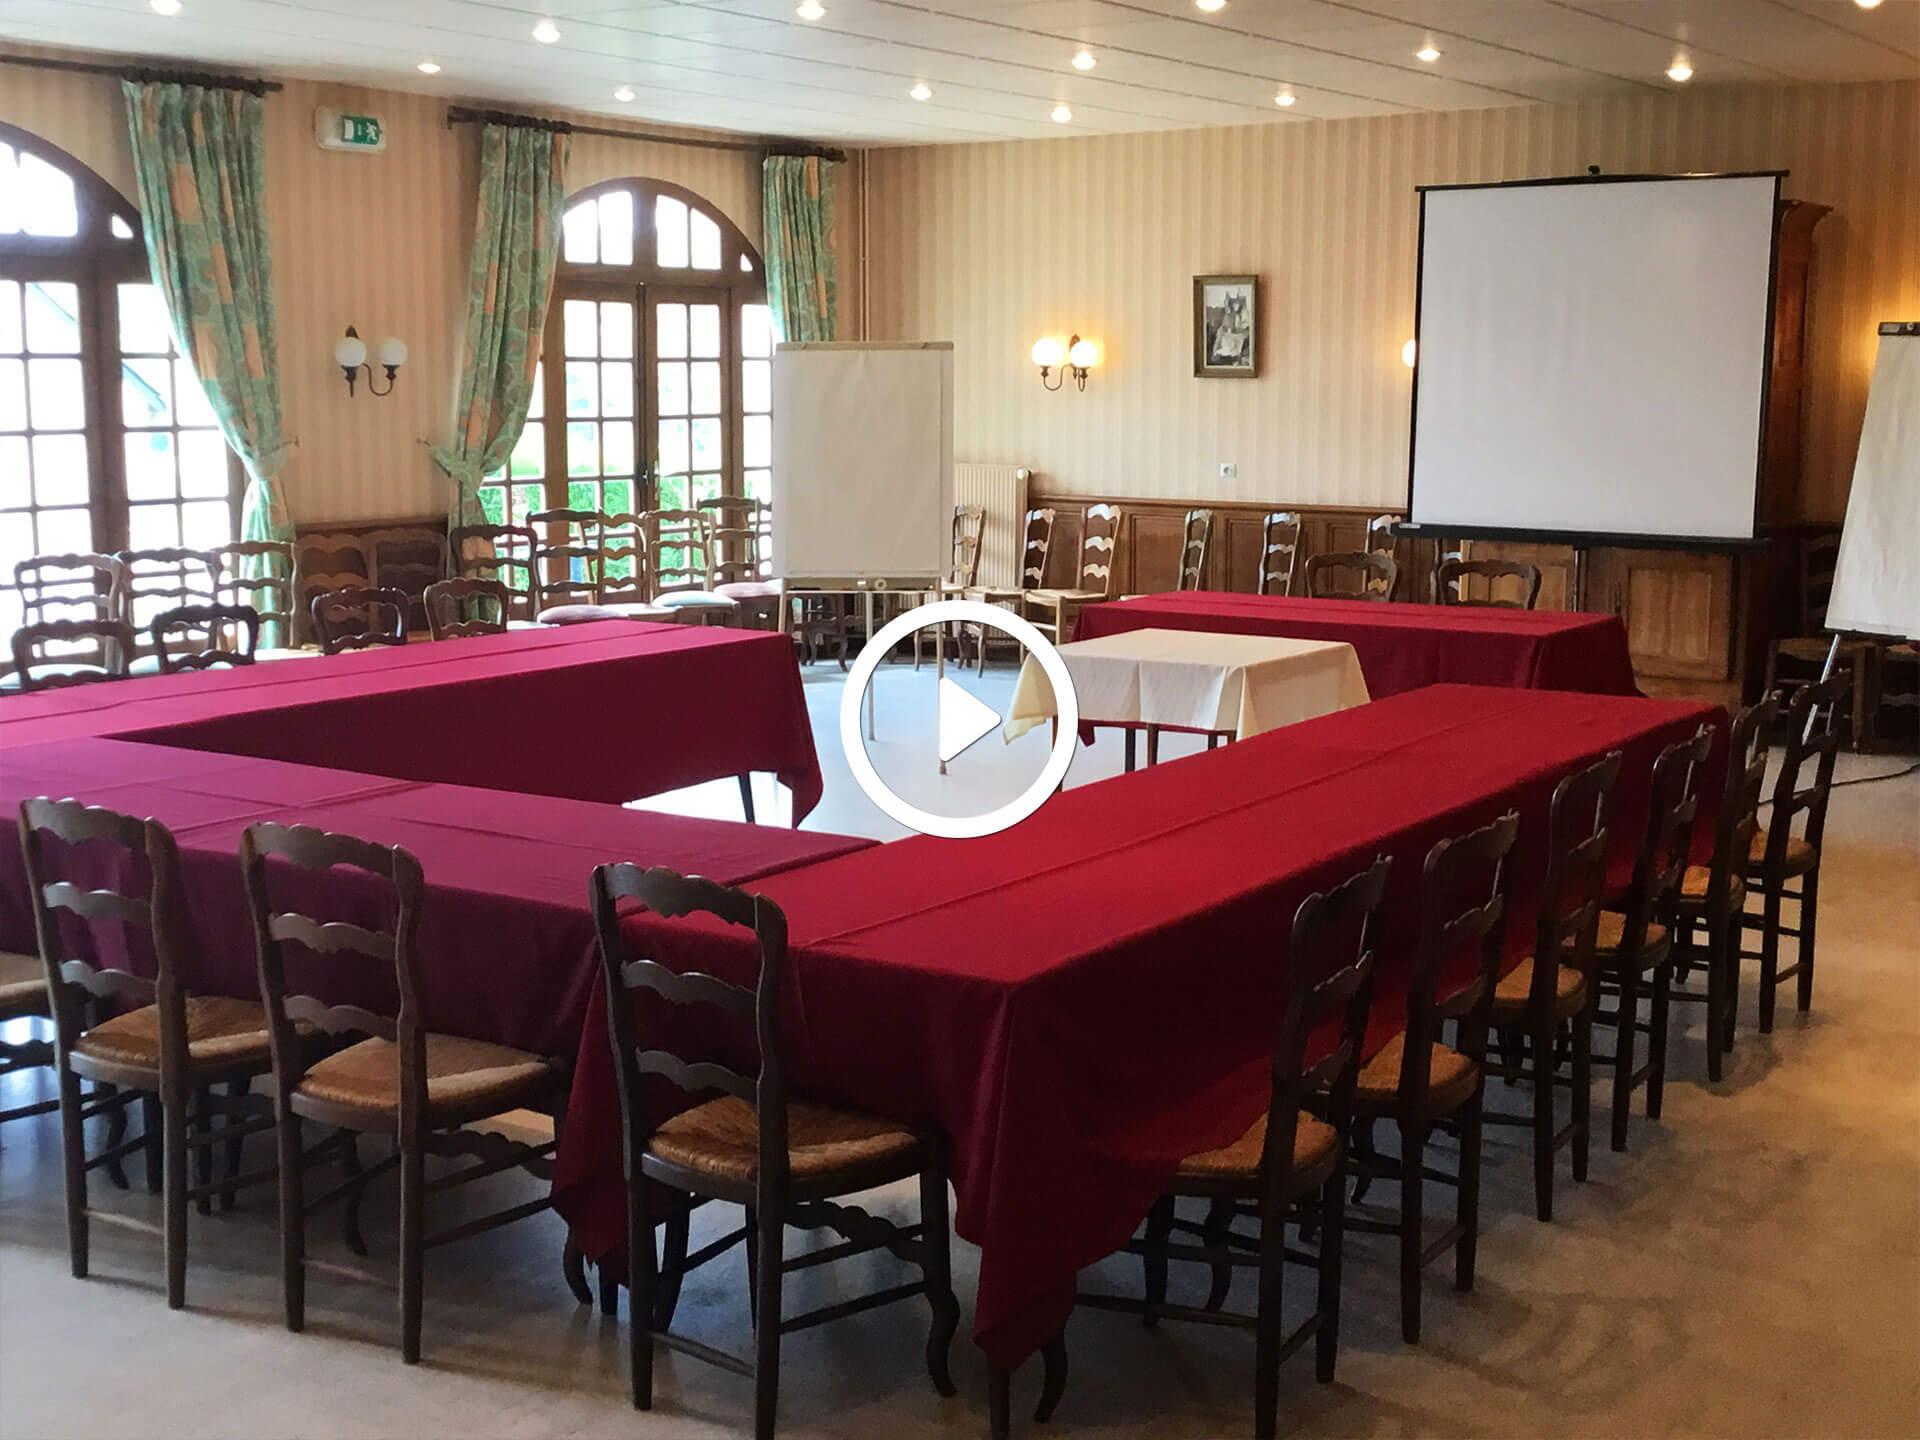 Salle seminaire manoir chambord